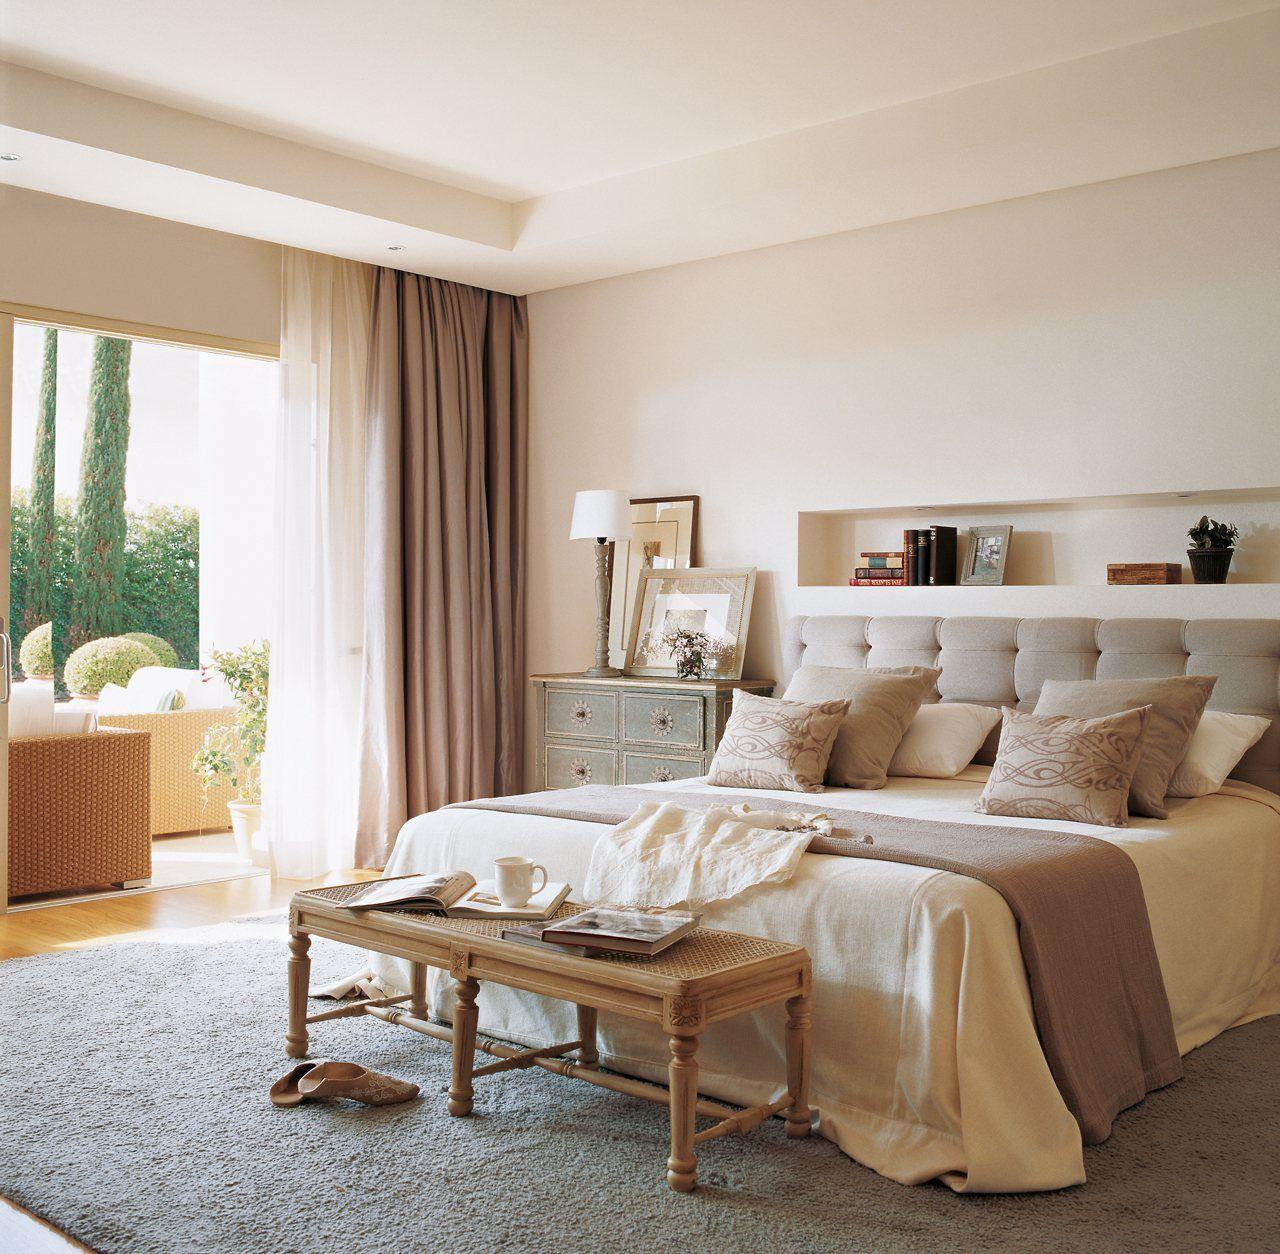 M s espacio para guardar en el dormitorio el dormitorio for El mueble decoracion